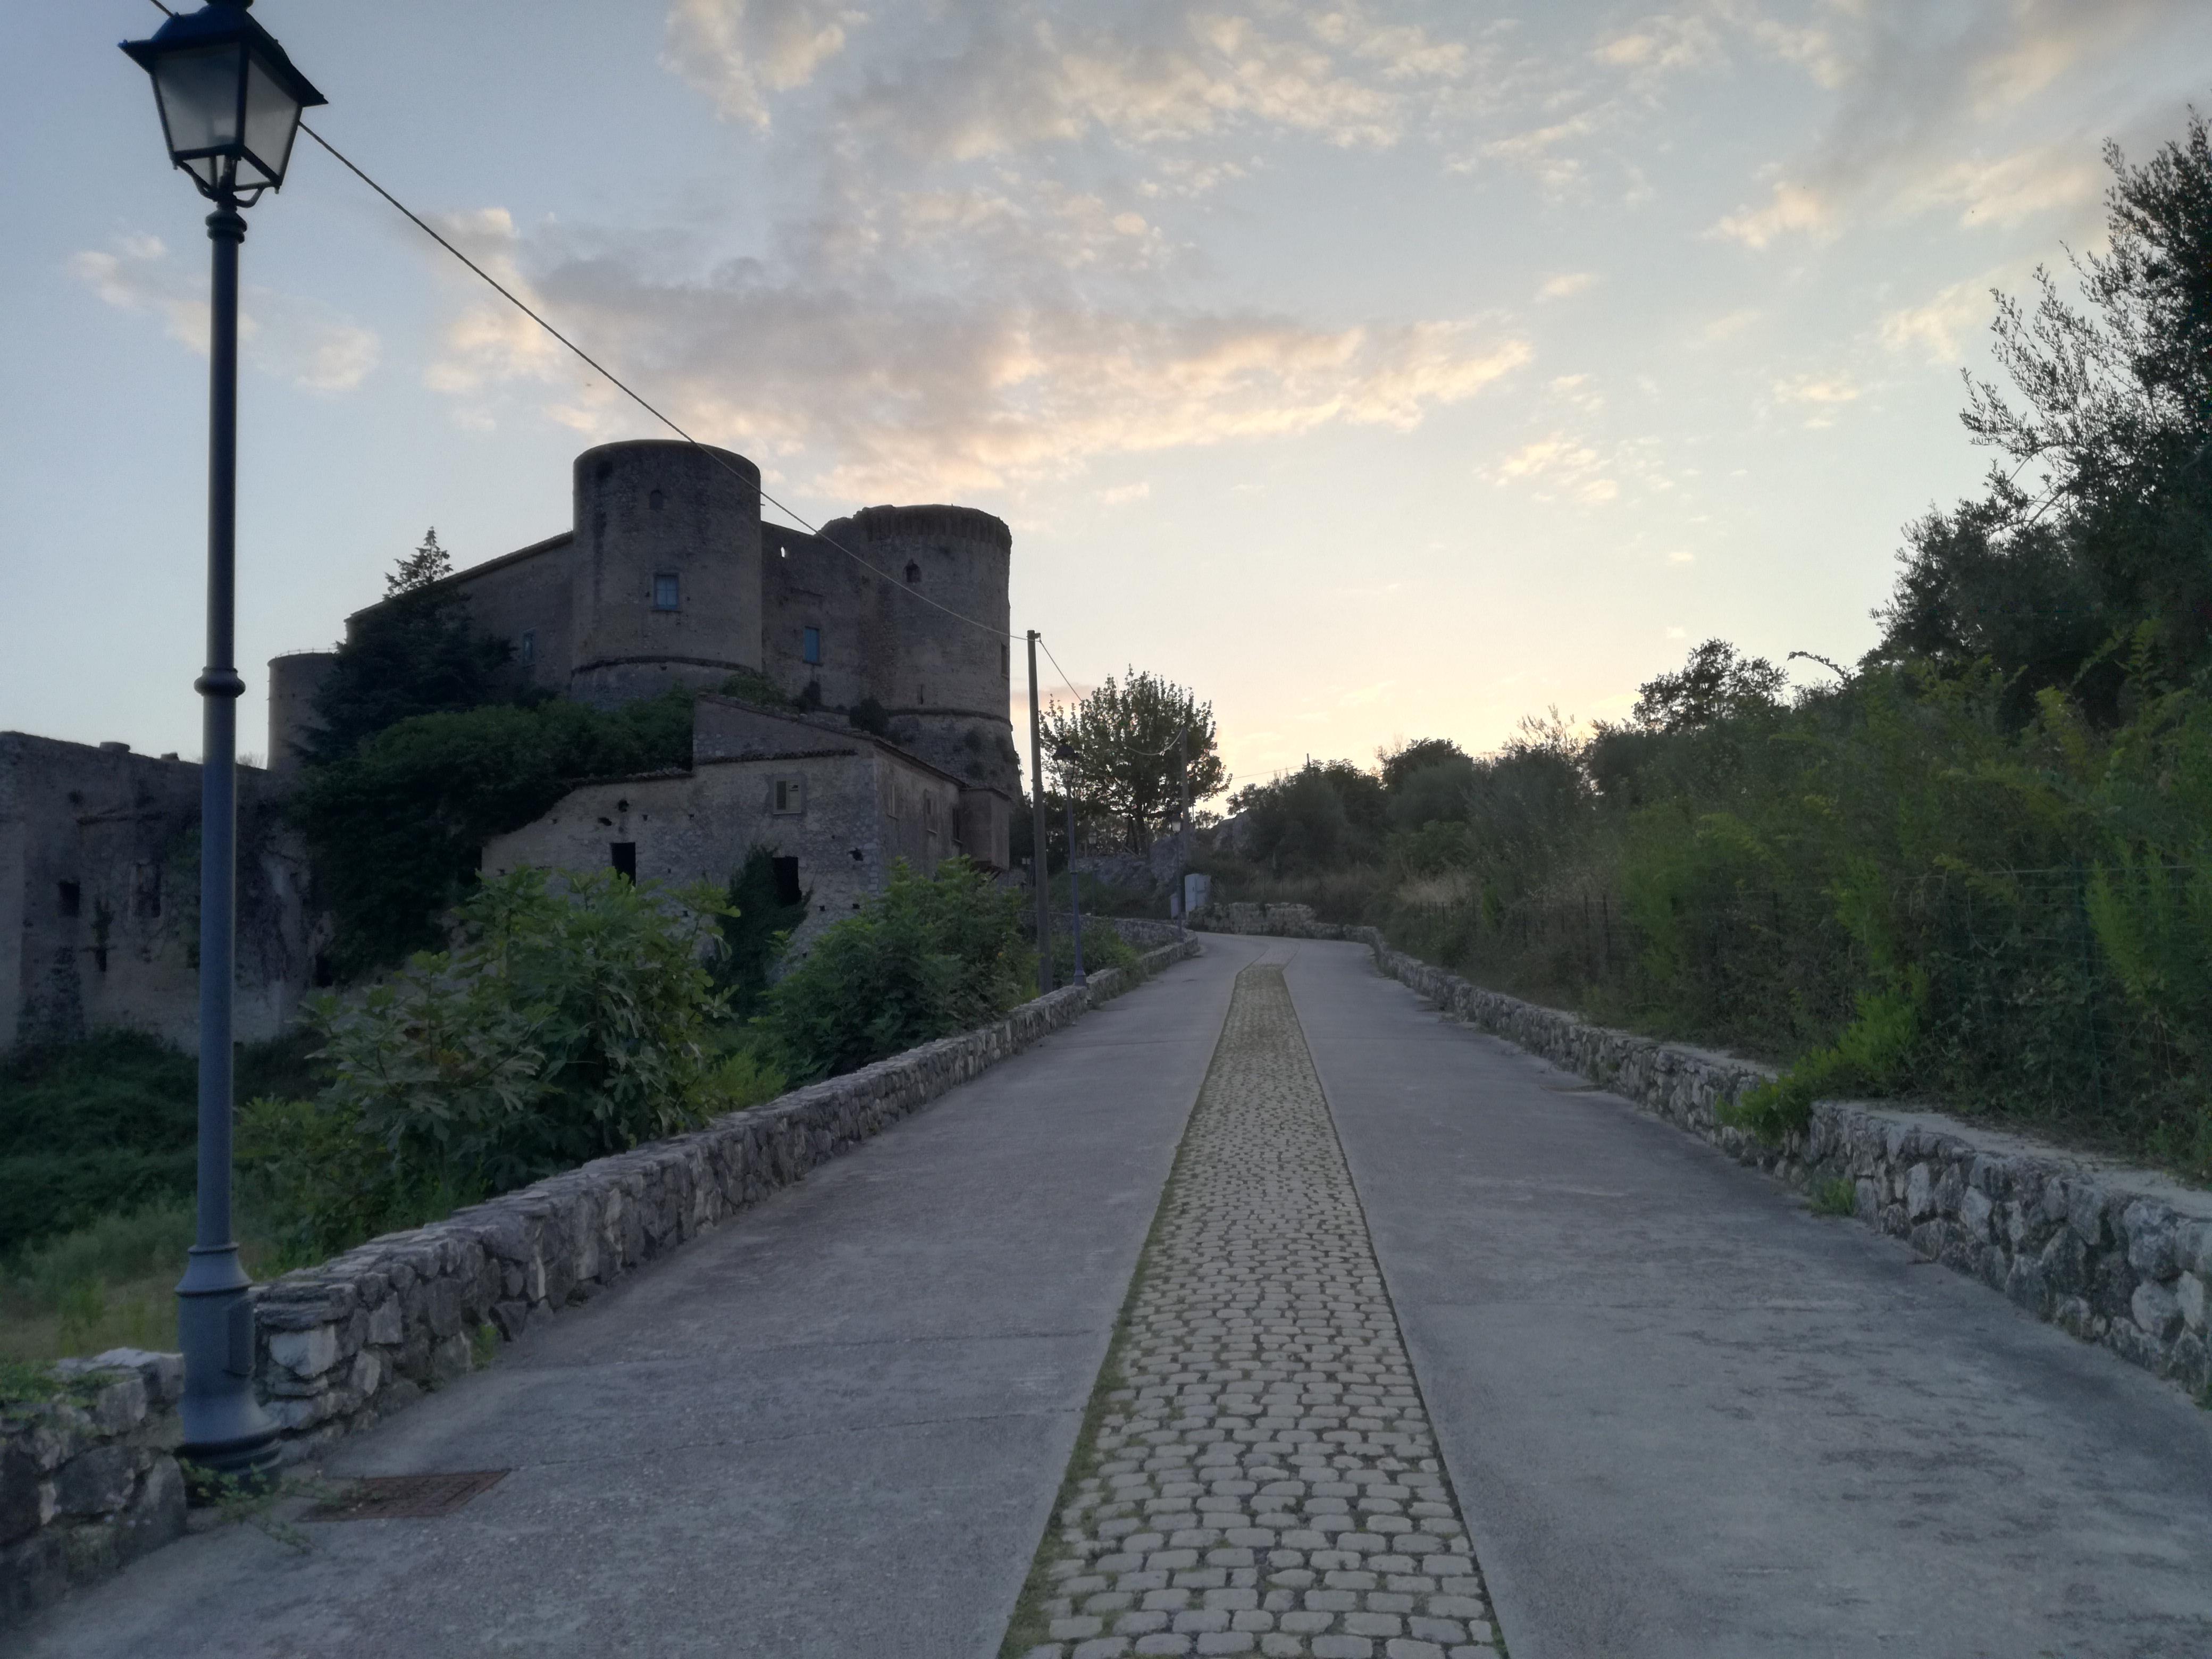 una visita al castello Prata